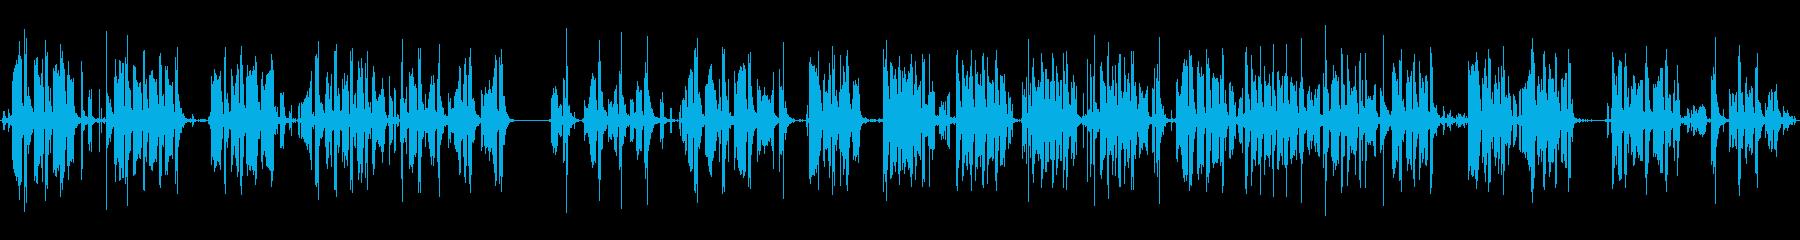 アヒルのワドルリング、クッキングおもちゃの再生済みの波形